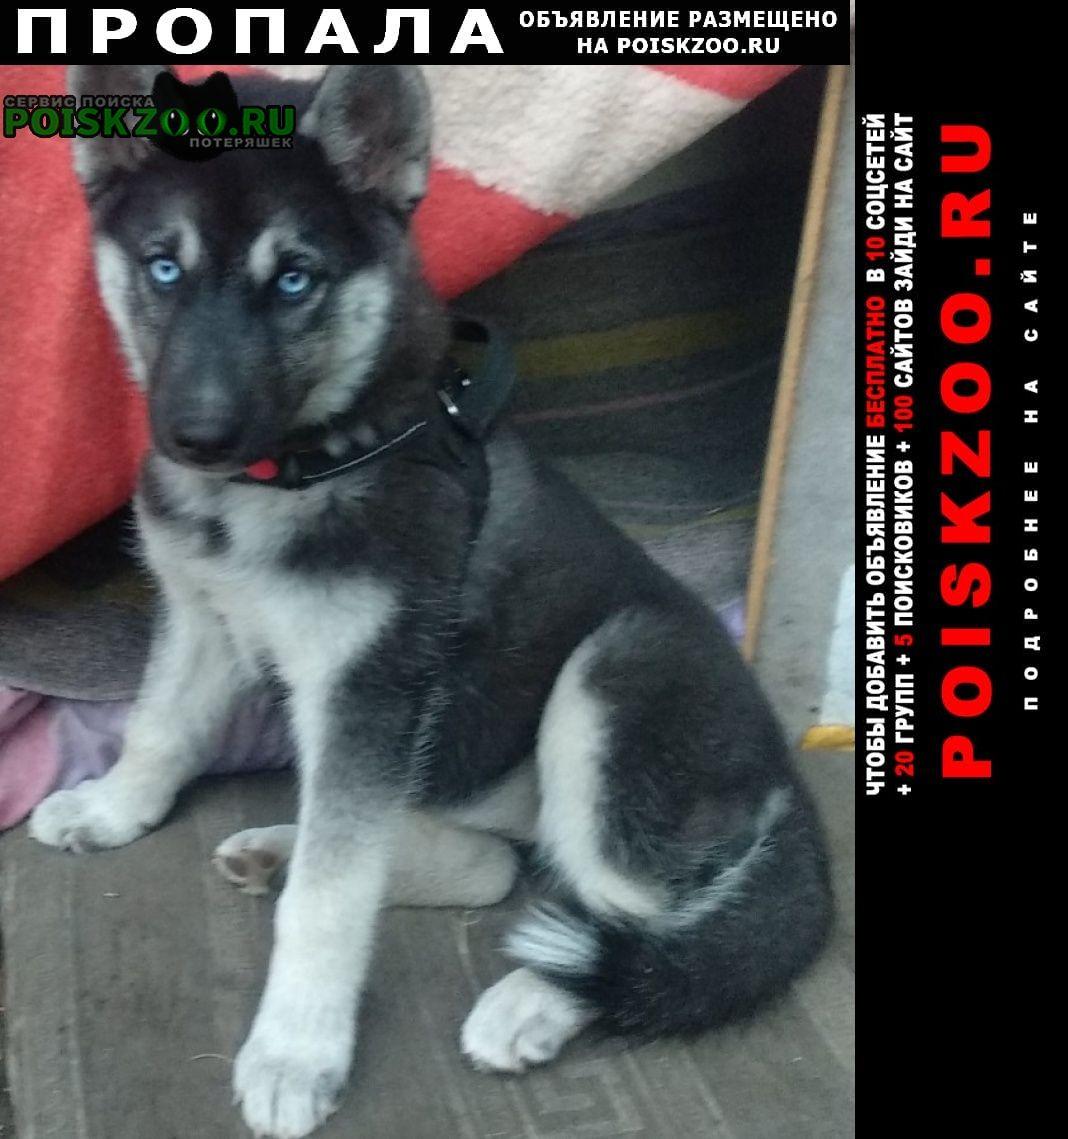 Пропала собака хаски 3 месяца. Хабаровск